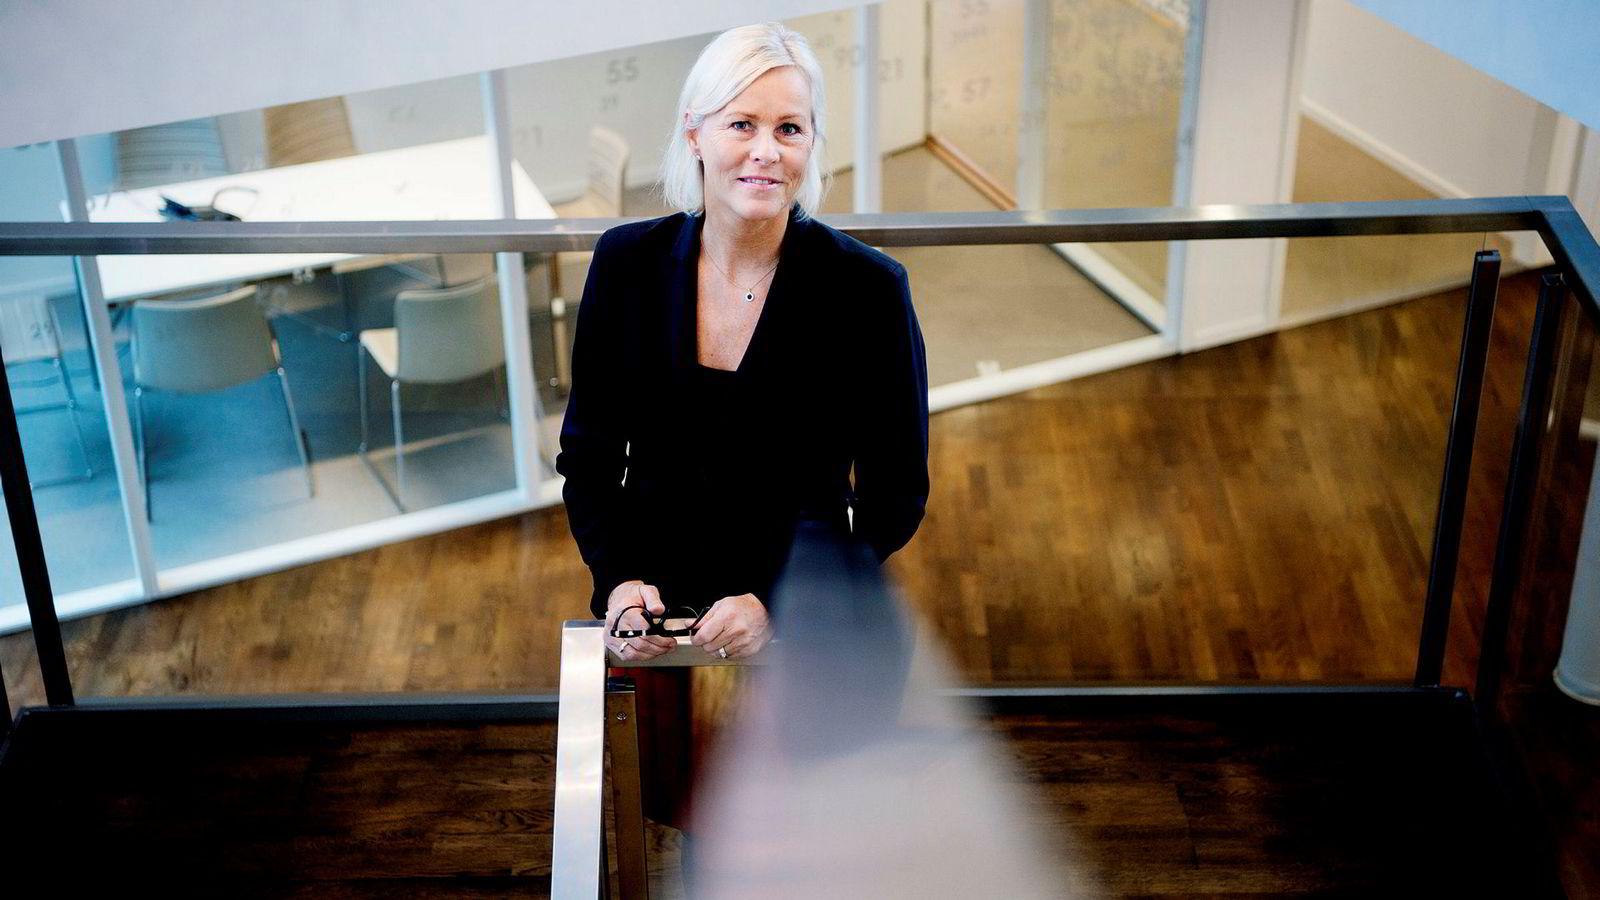 Leder Tone Lunde Bakker i Swedbank Norge sier rutinene er skjerpet etter at den norske filialen fikk sterk kritikk av Finanstilsynet i 2016. Hun vil ikke svare på om penger fra hvitvaskingssaken i Baltikum kan spores til Norge.